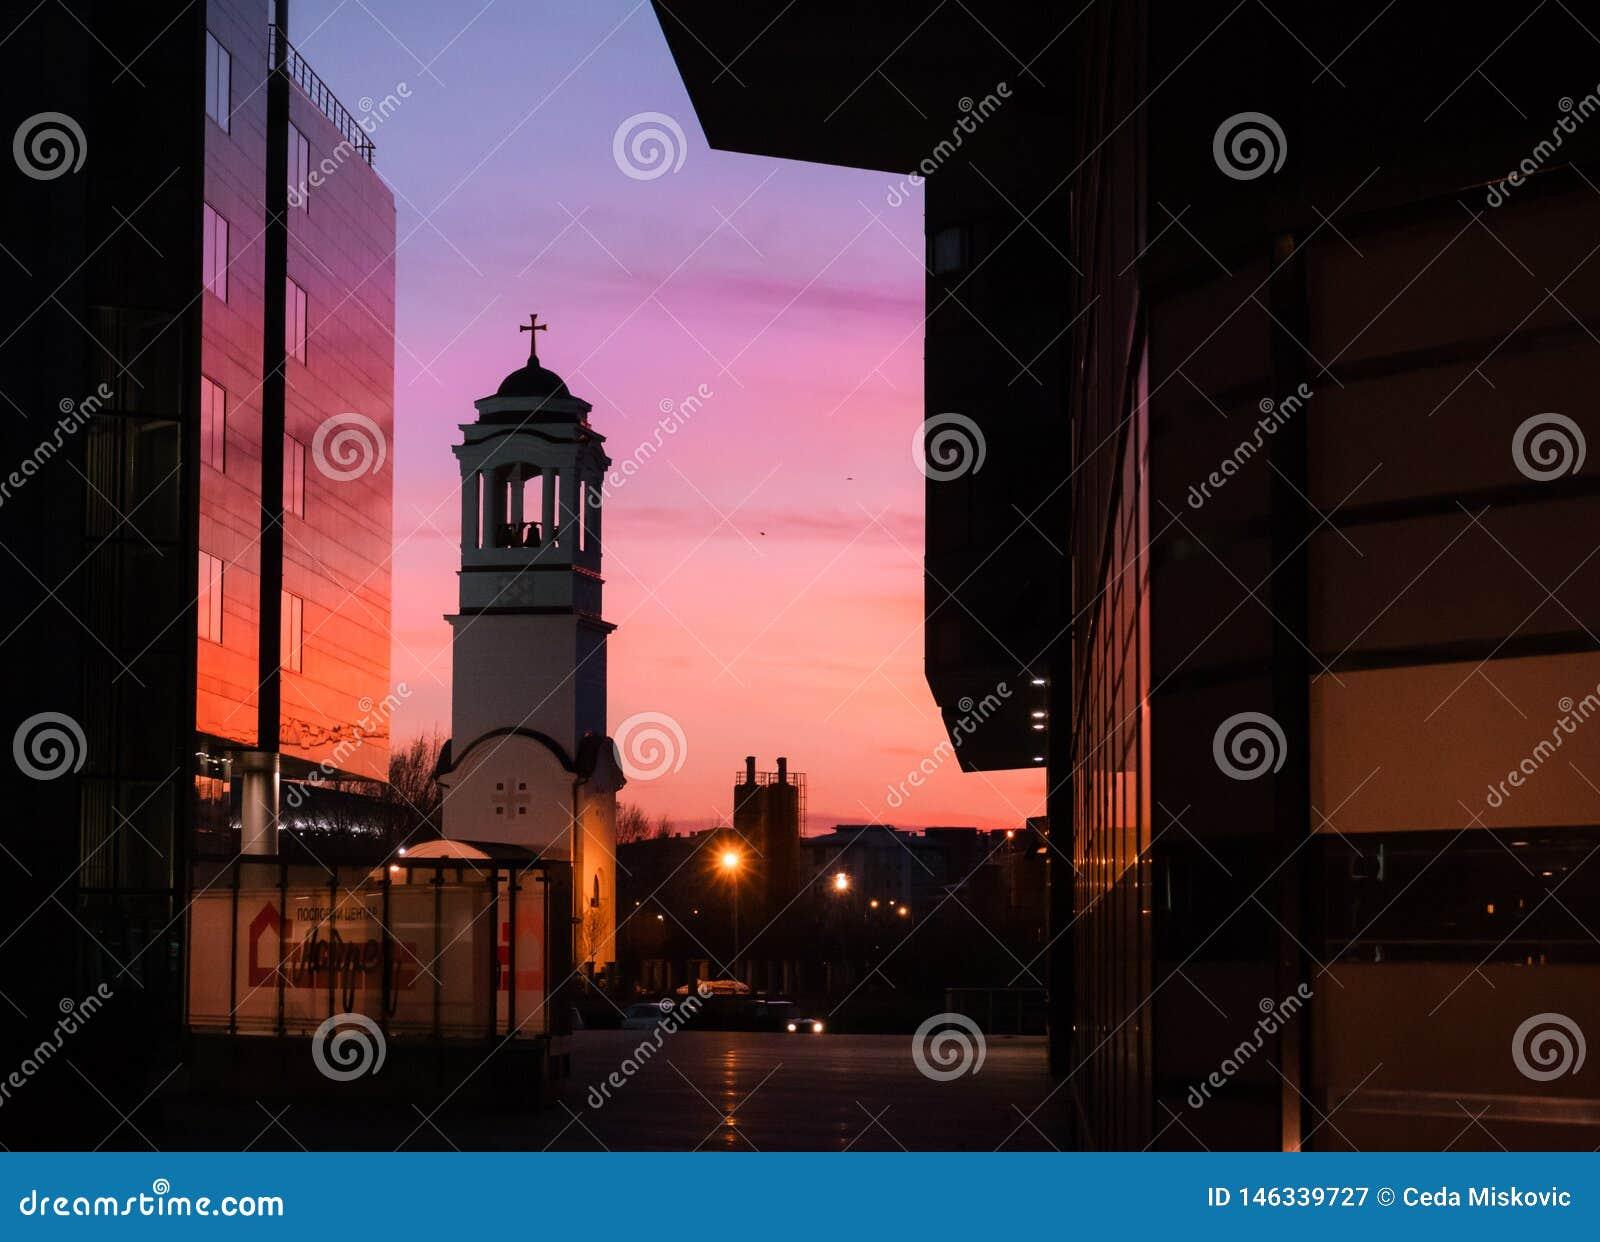 Ιστορικό κουδούνι εκκλησιών που απεικονίζει τα δονούμενα χρώματα στο ηλιοβασίλεμα